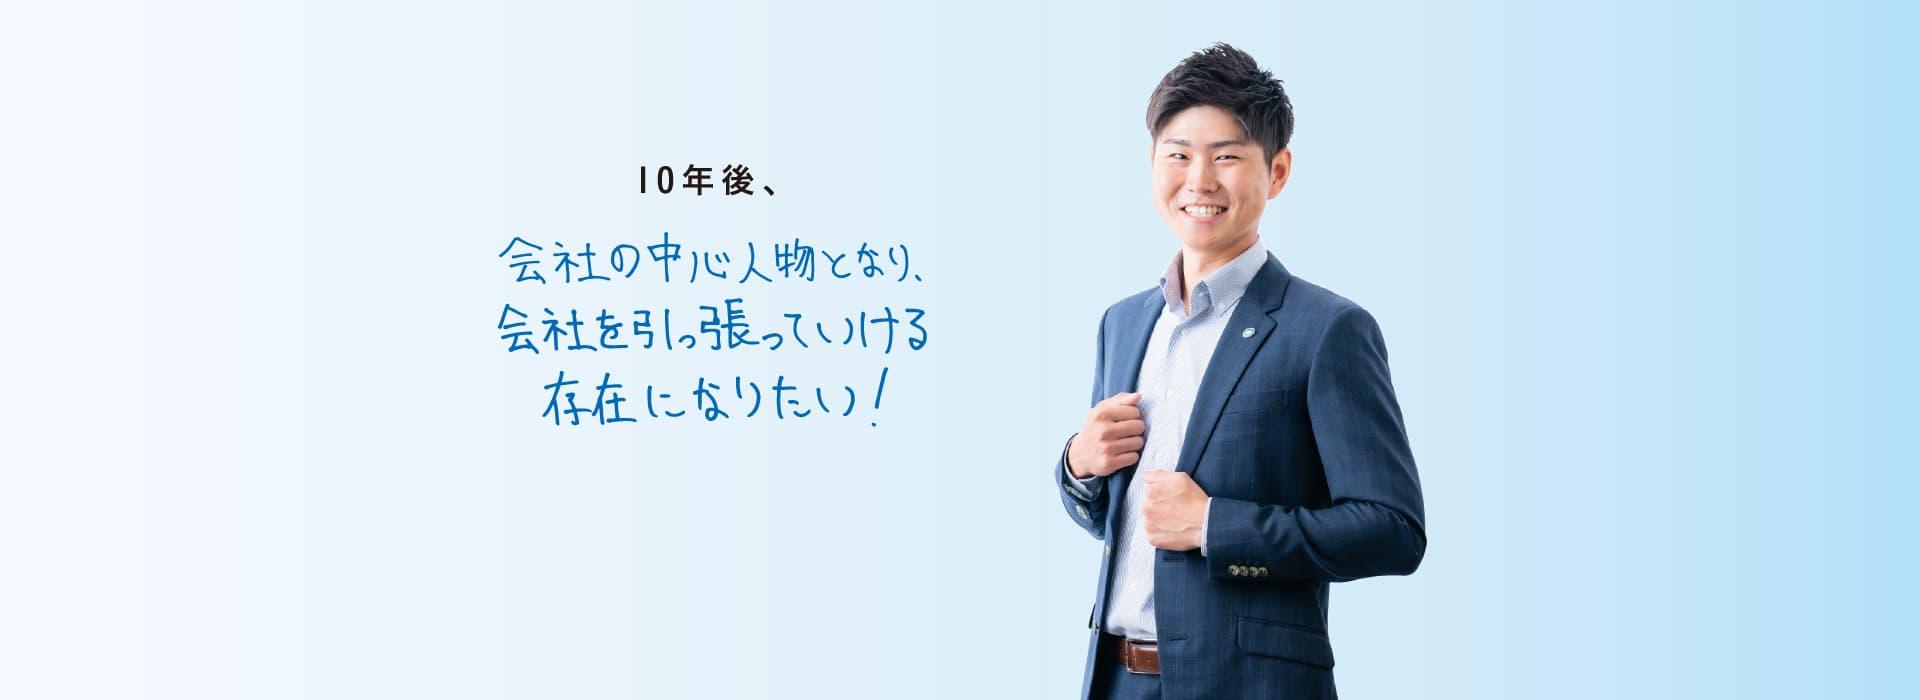 先輩紹介06